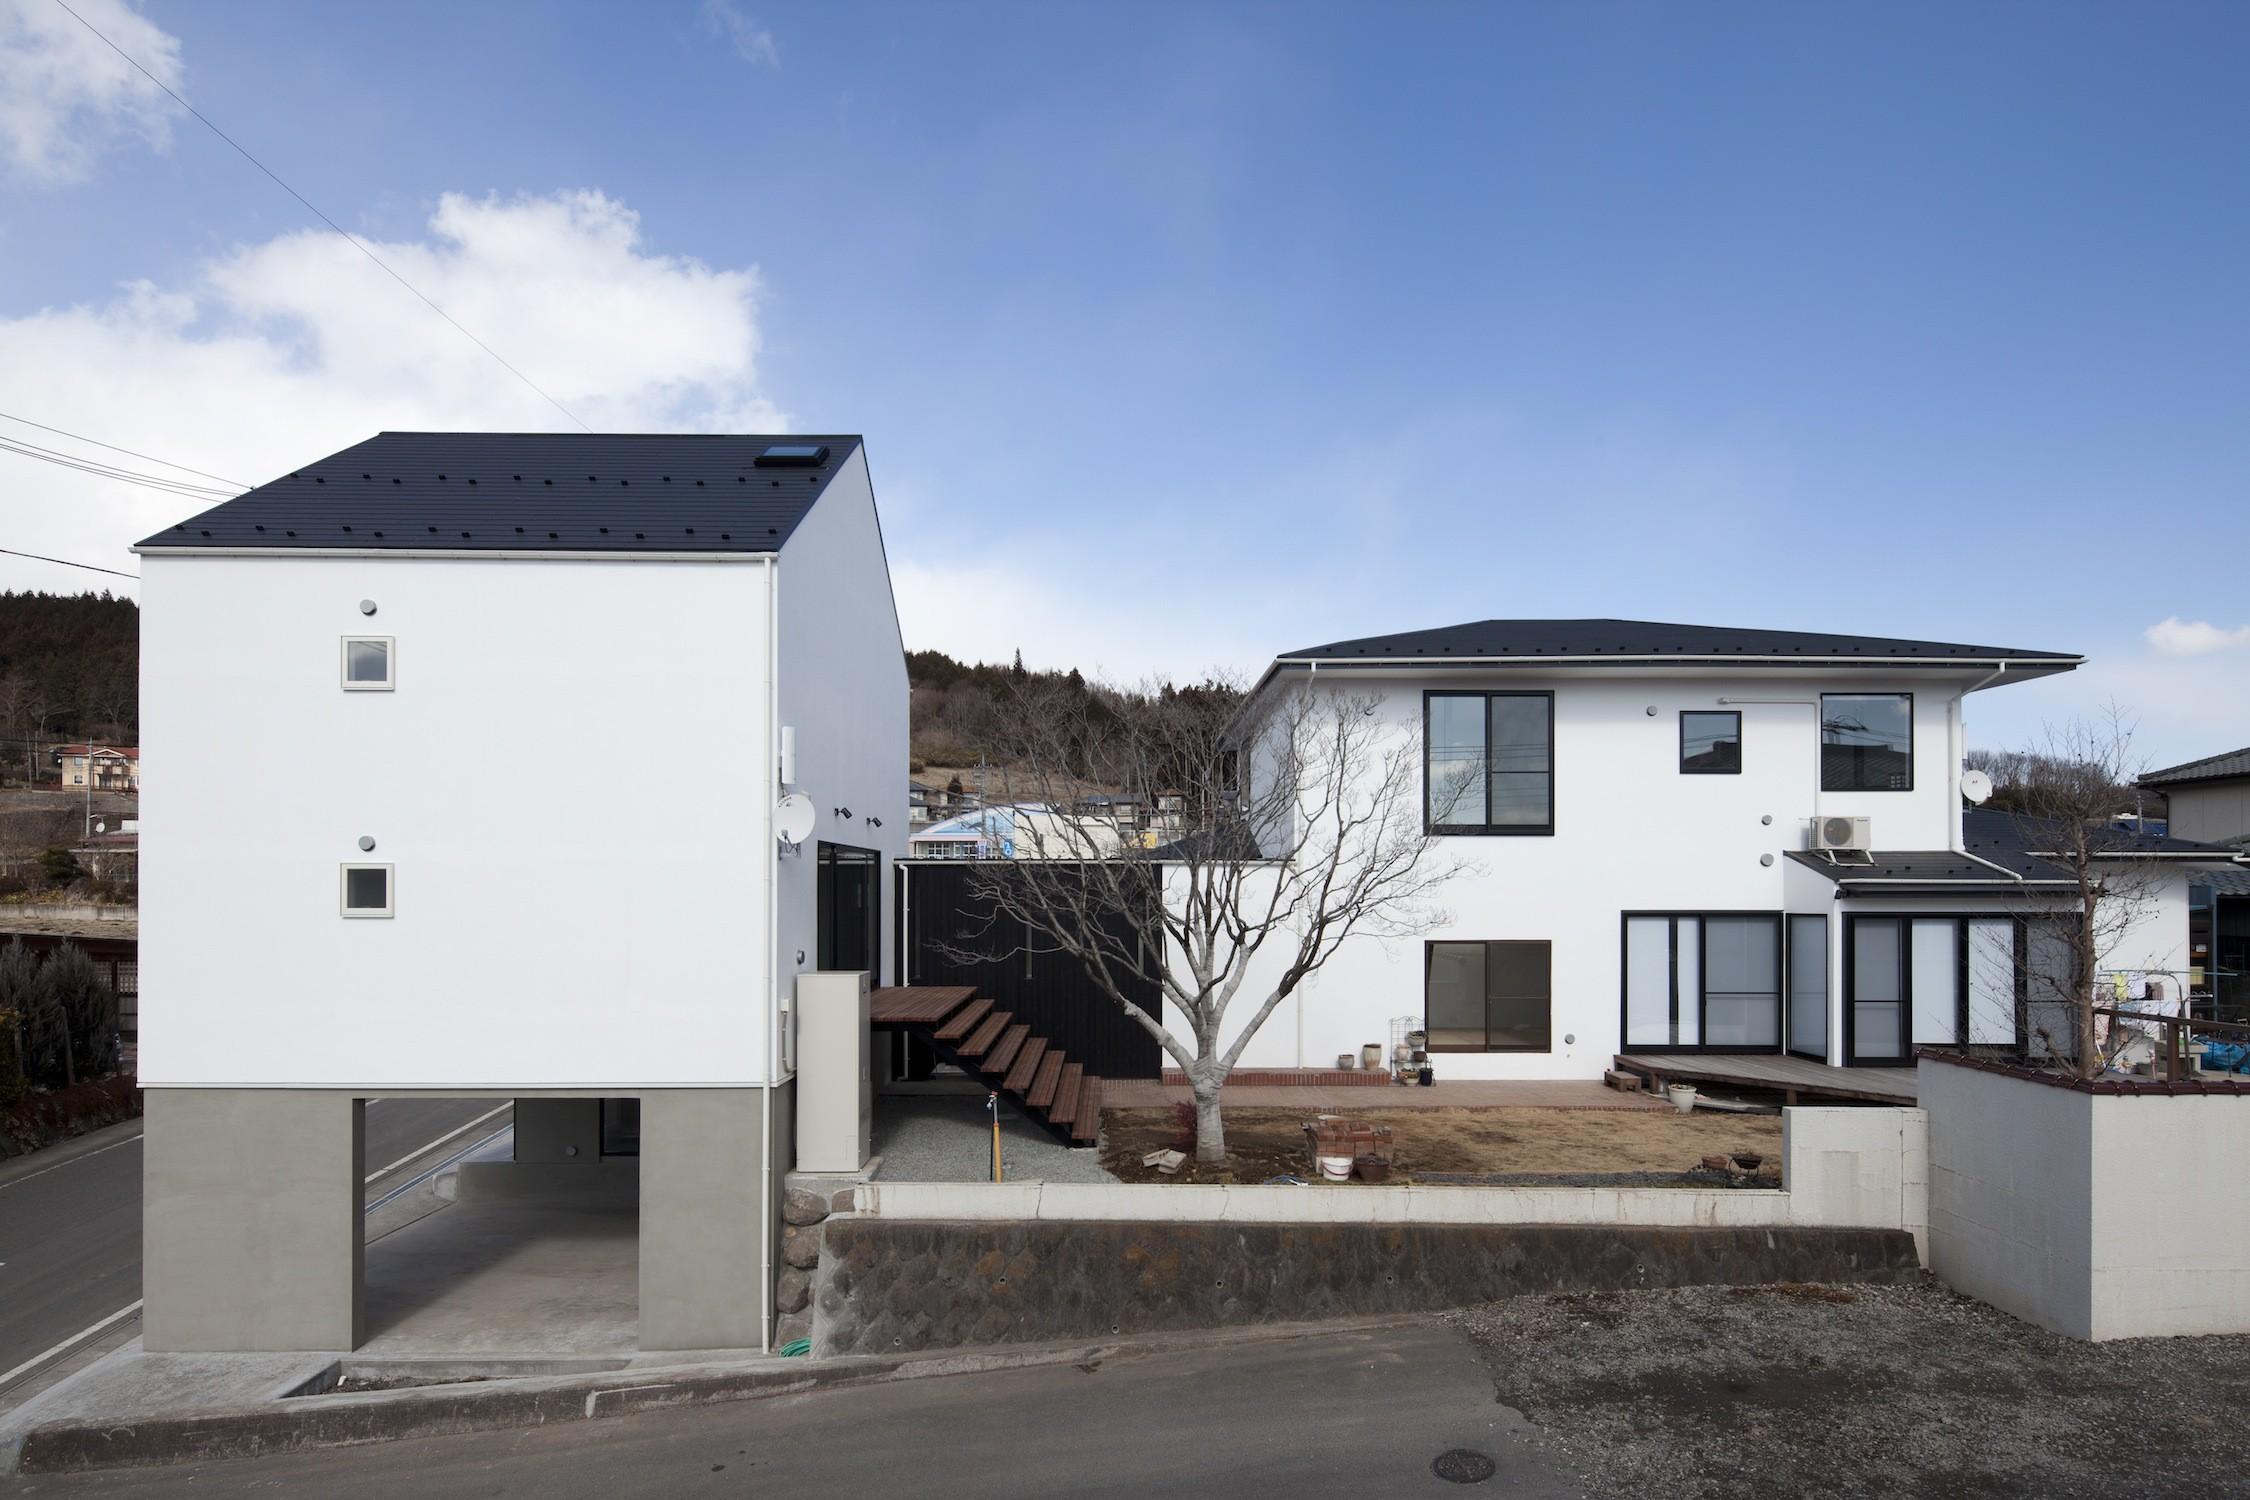 外観事例:庭を介してつながる2つのリビング(木造築30年「フルリノベーション+増築」で二世帯住宅に改築 OUCHI-23)